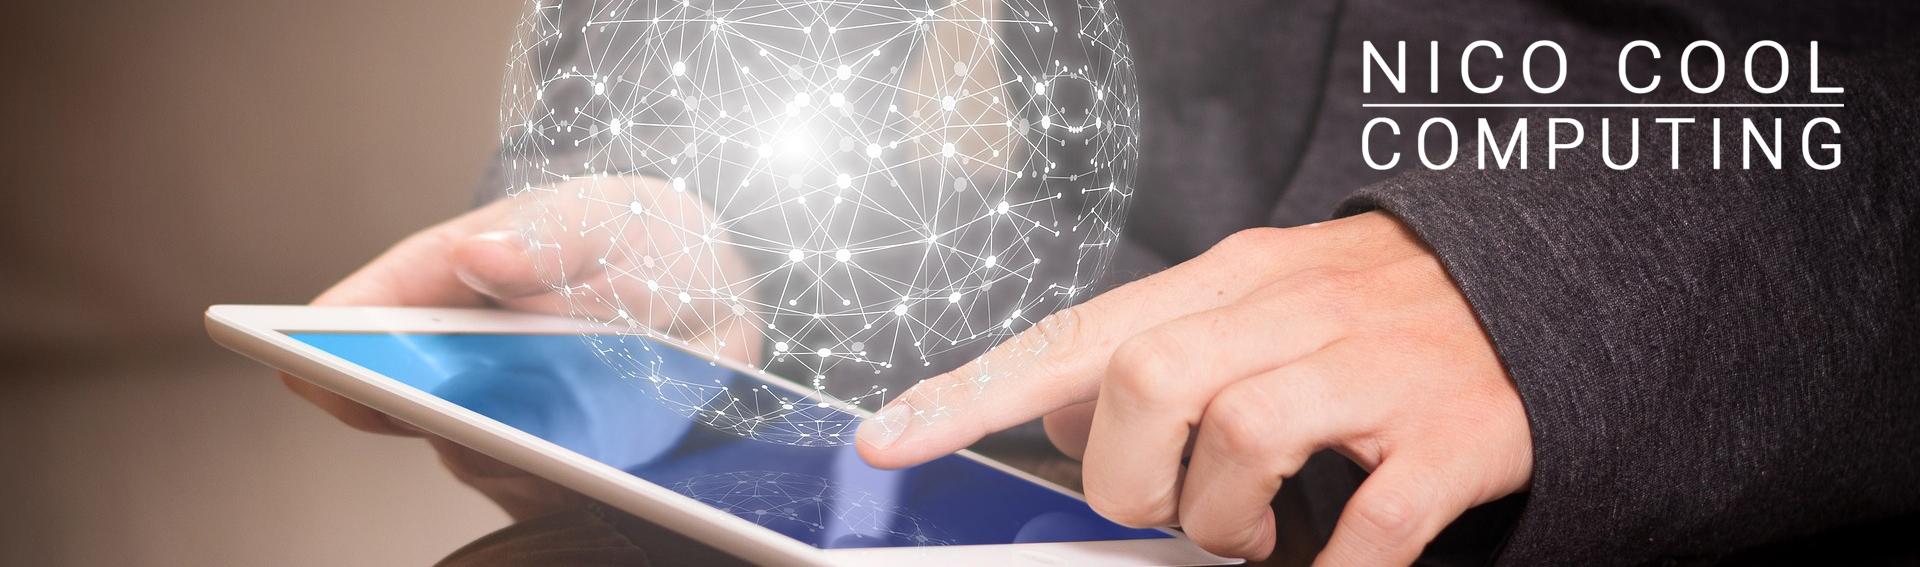 Foto Internet - Tablet